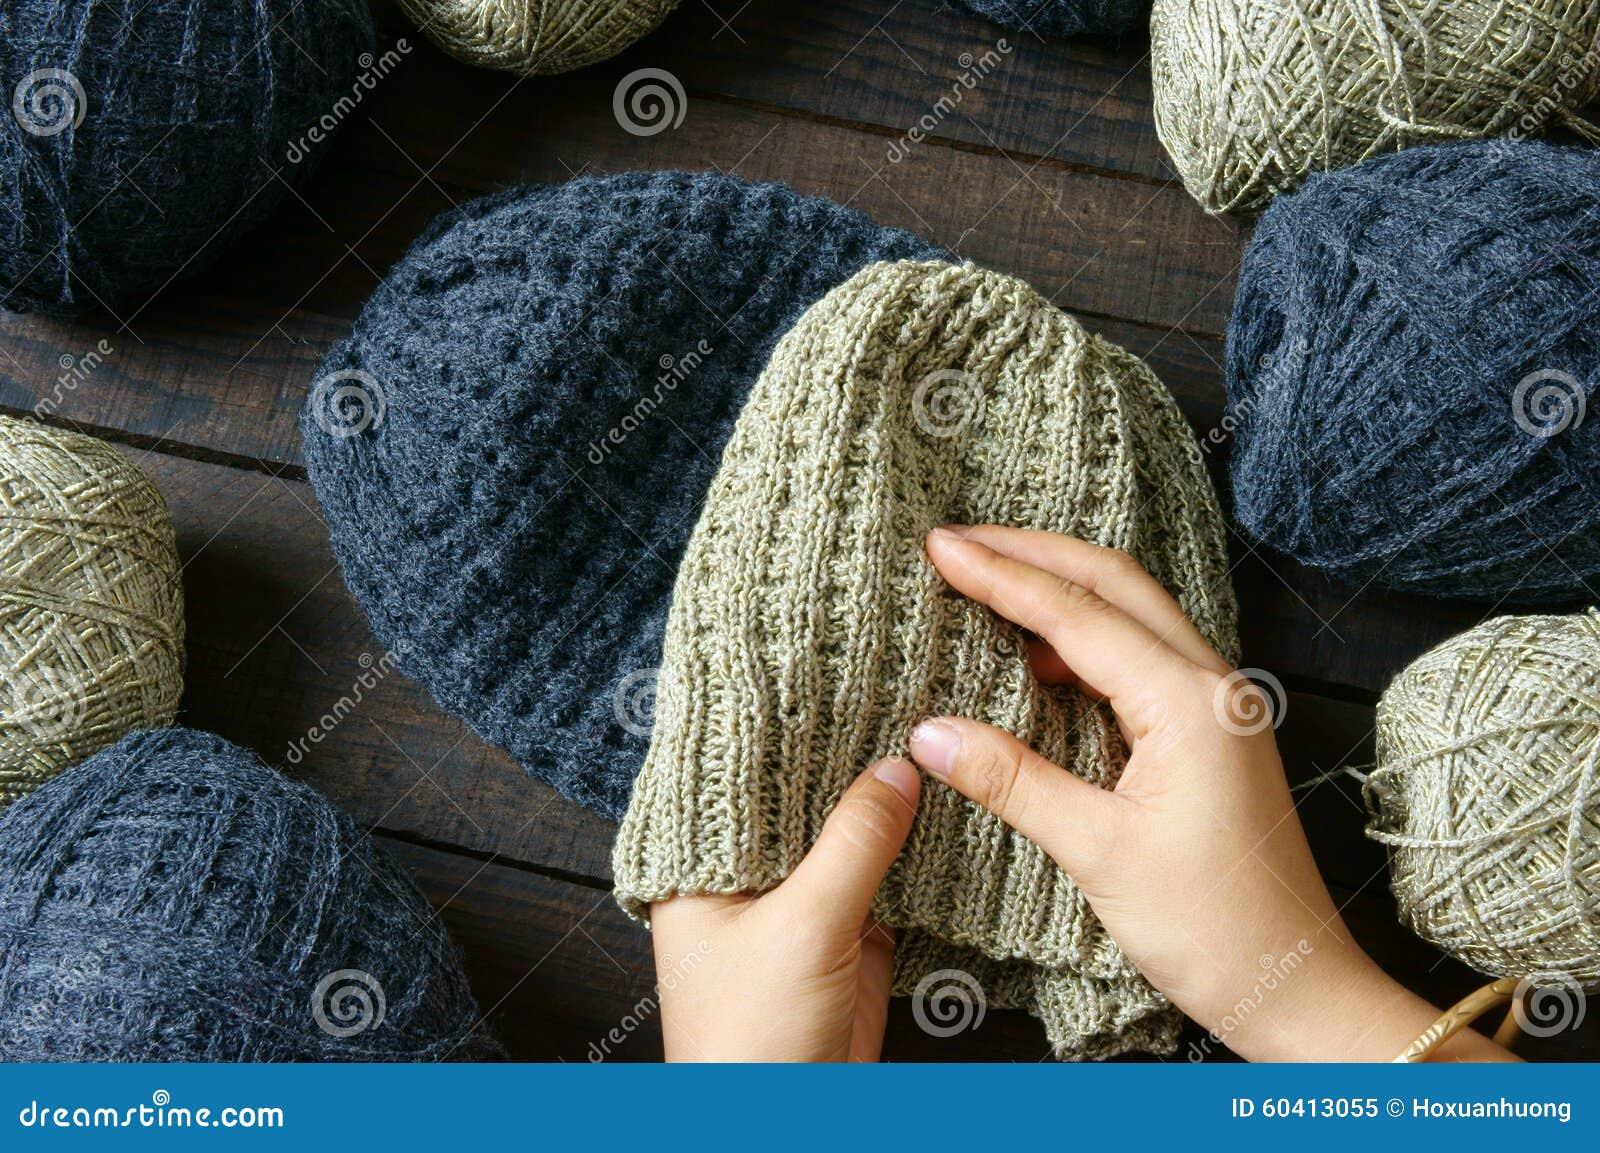 手工制造,礼物,夫妇,羊毛帽子,编织